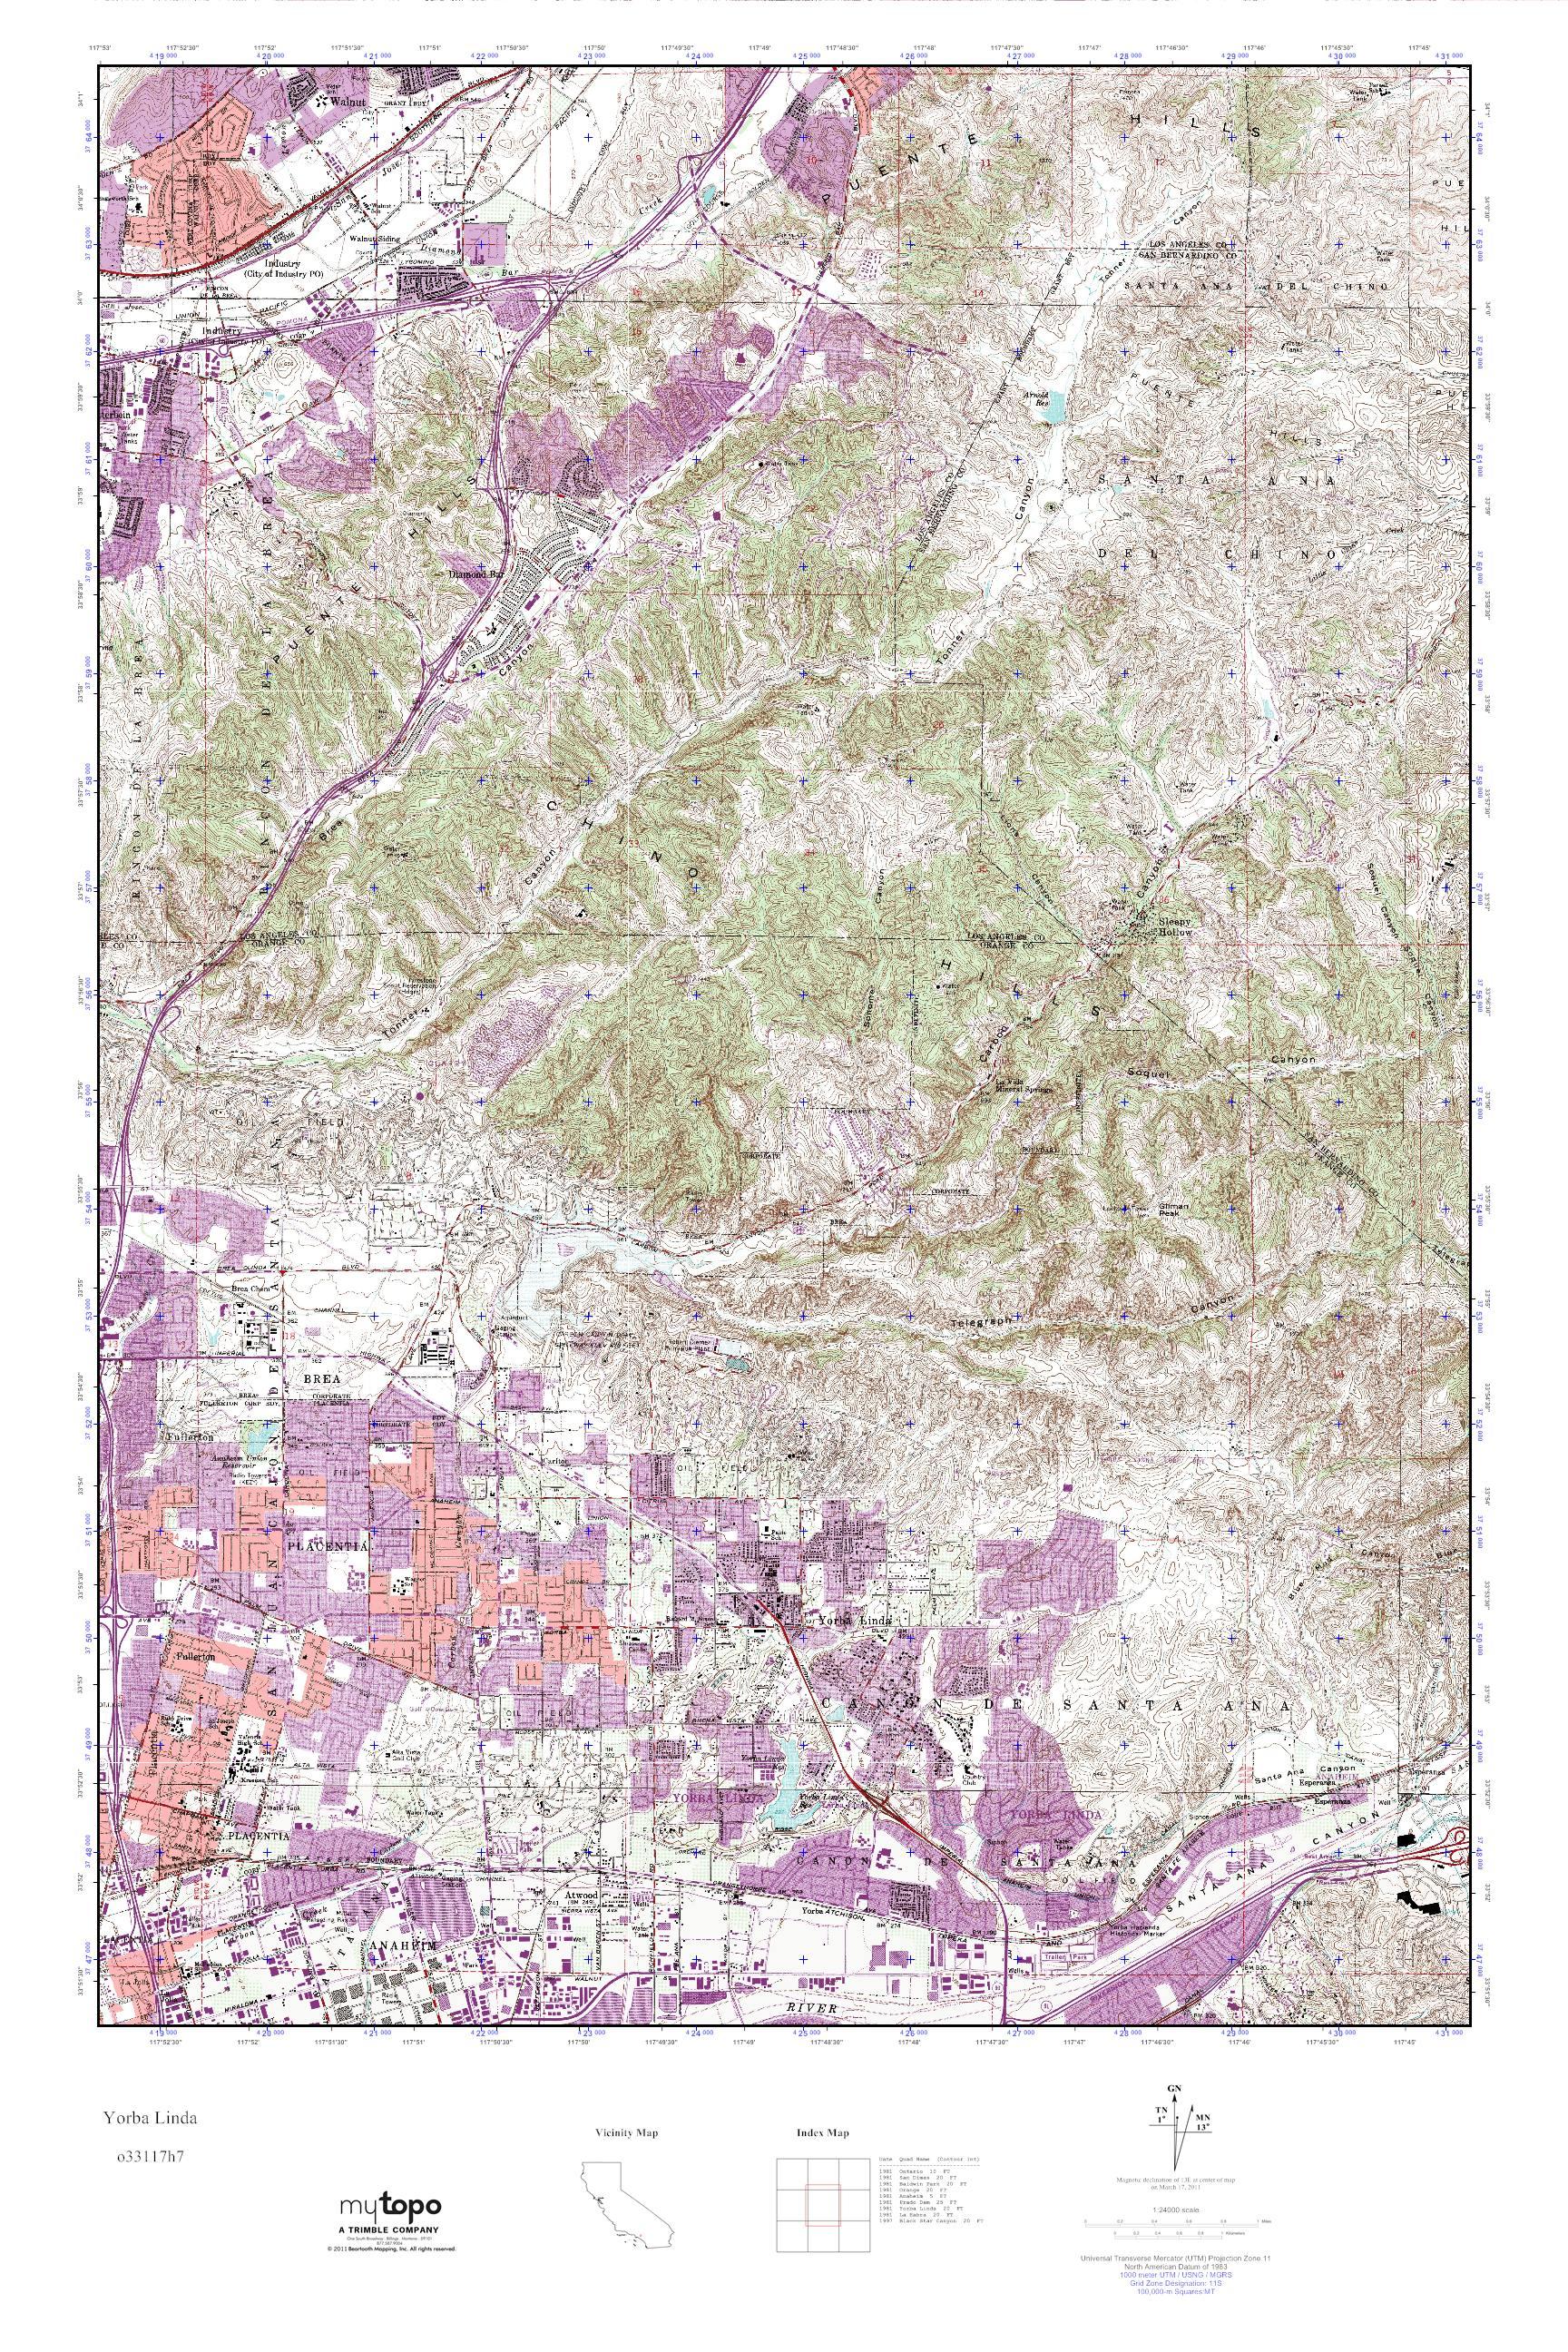 Where Is Yorba Linda California Map.Mytopo Yorba Linda California Usgs Quad Topo Map